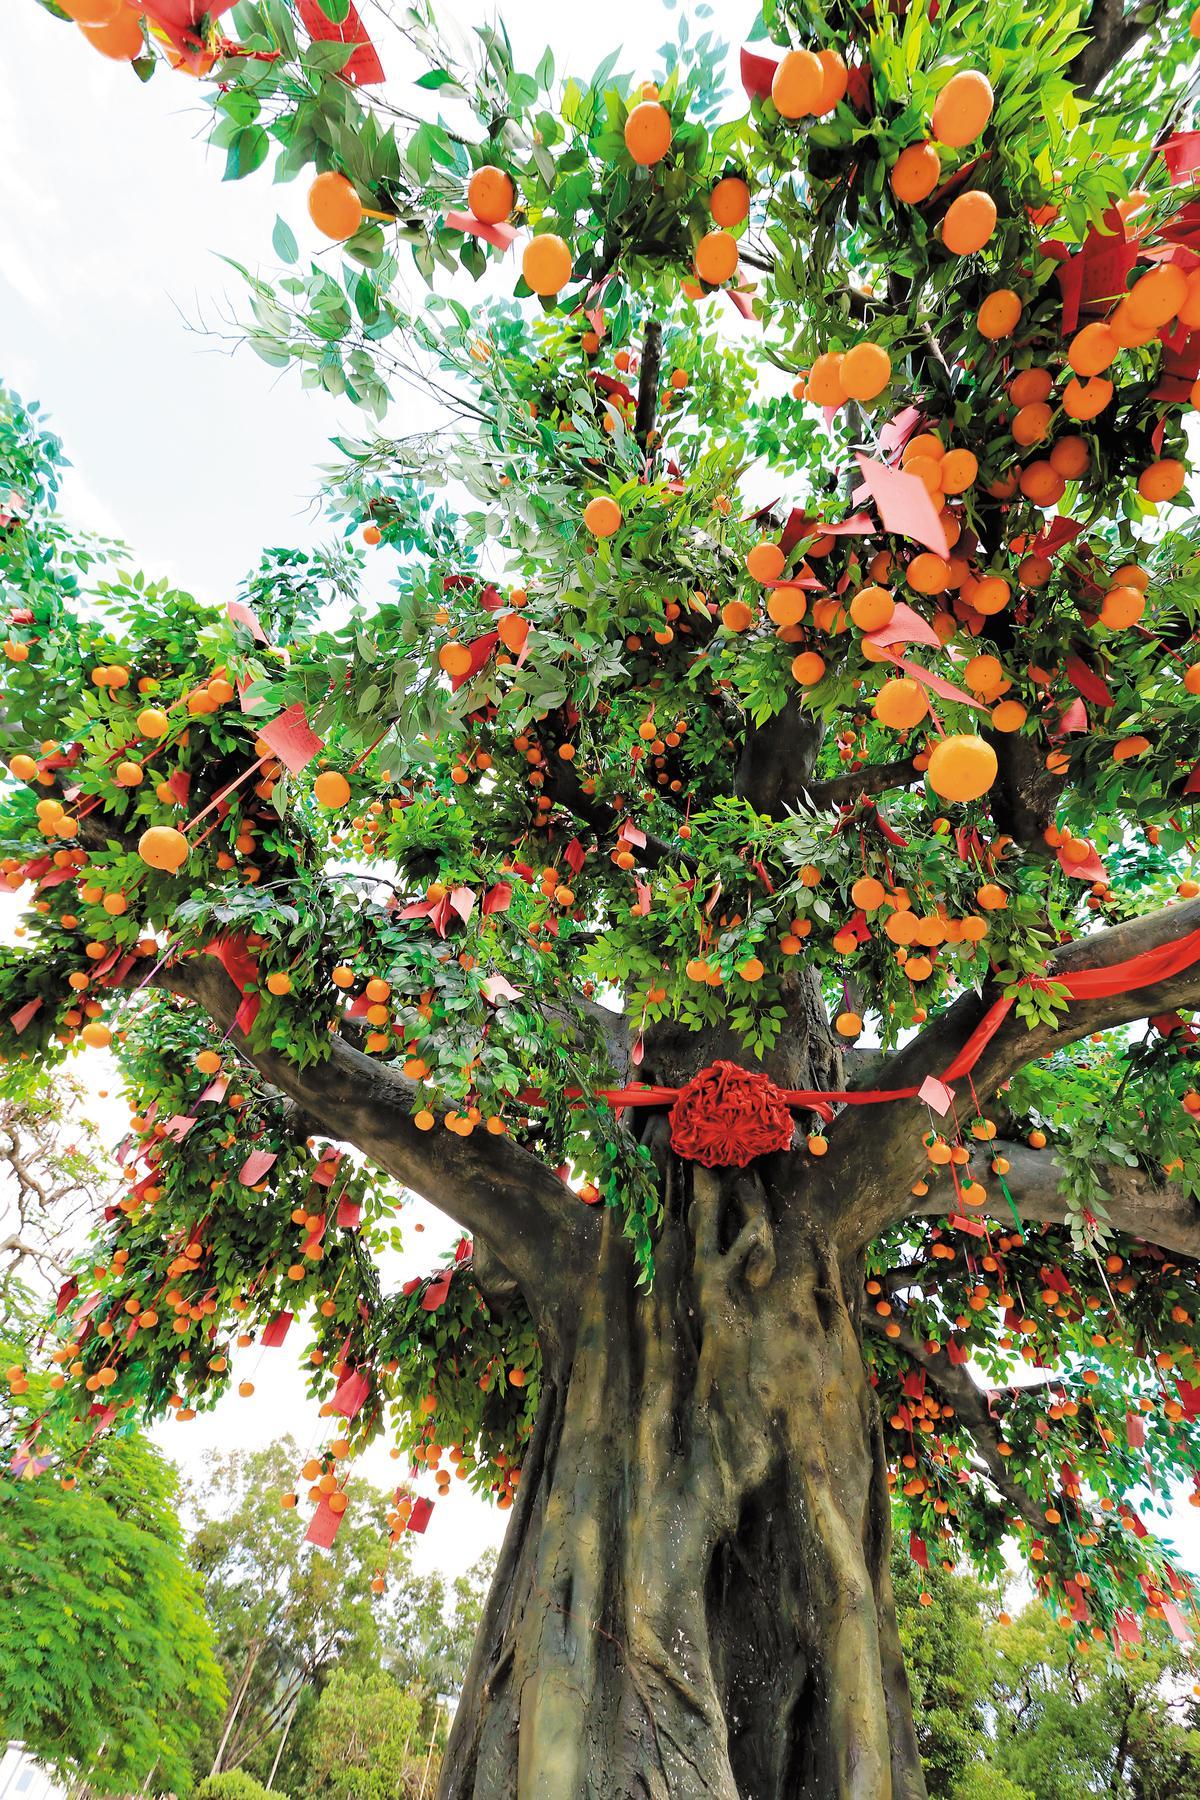 「林村許願樹」是棵徹頭徹尾的人造樹,乍看有種荒謬的奇幻感。